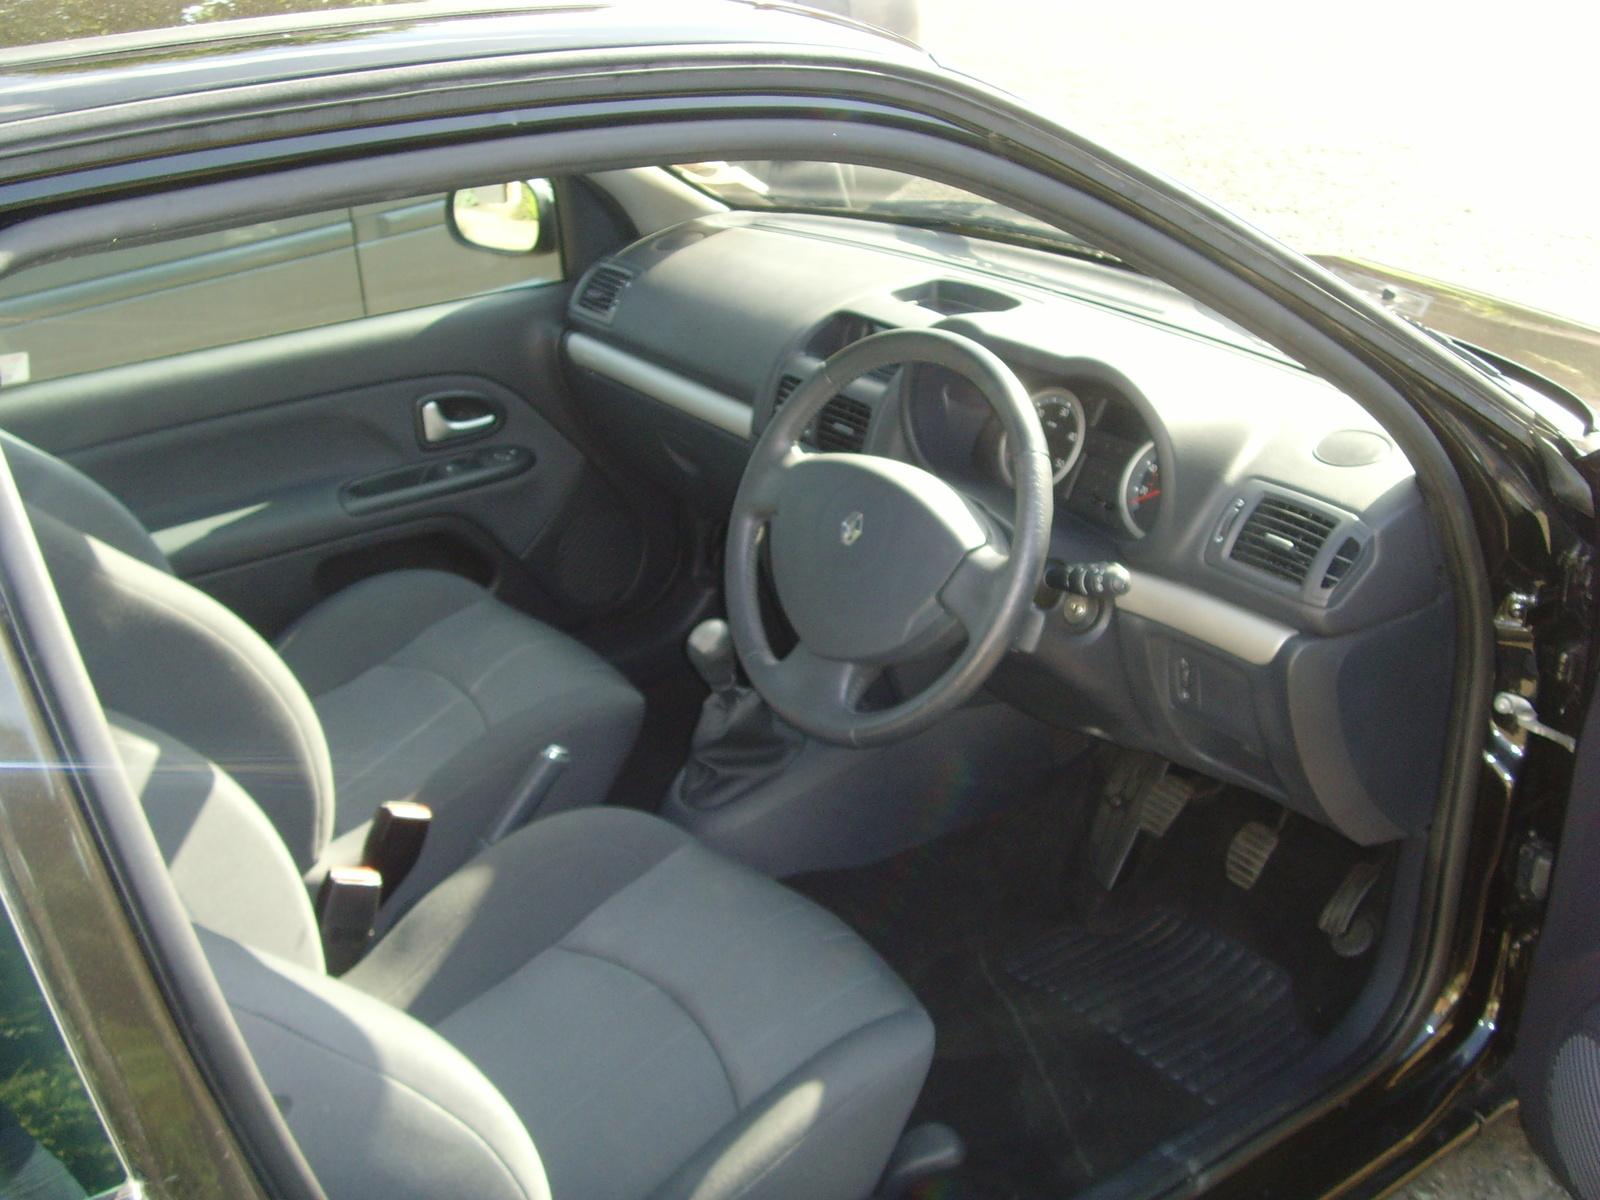 Renault Clio 2004 Interior